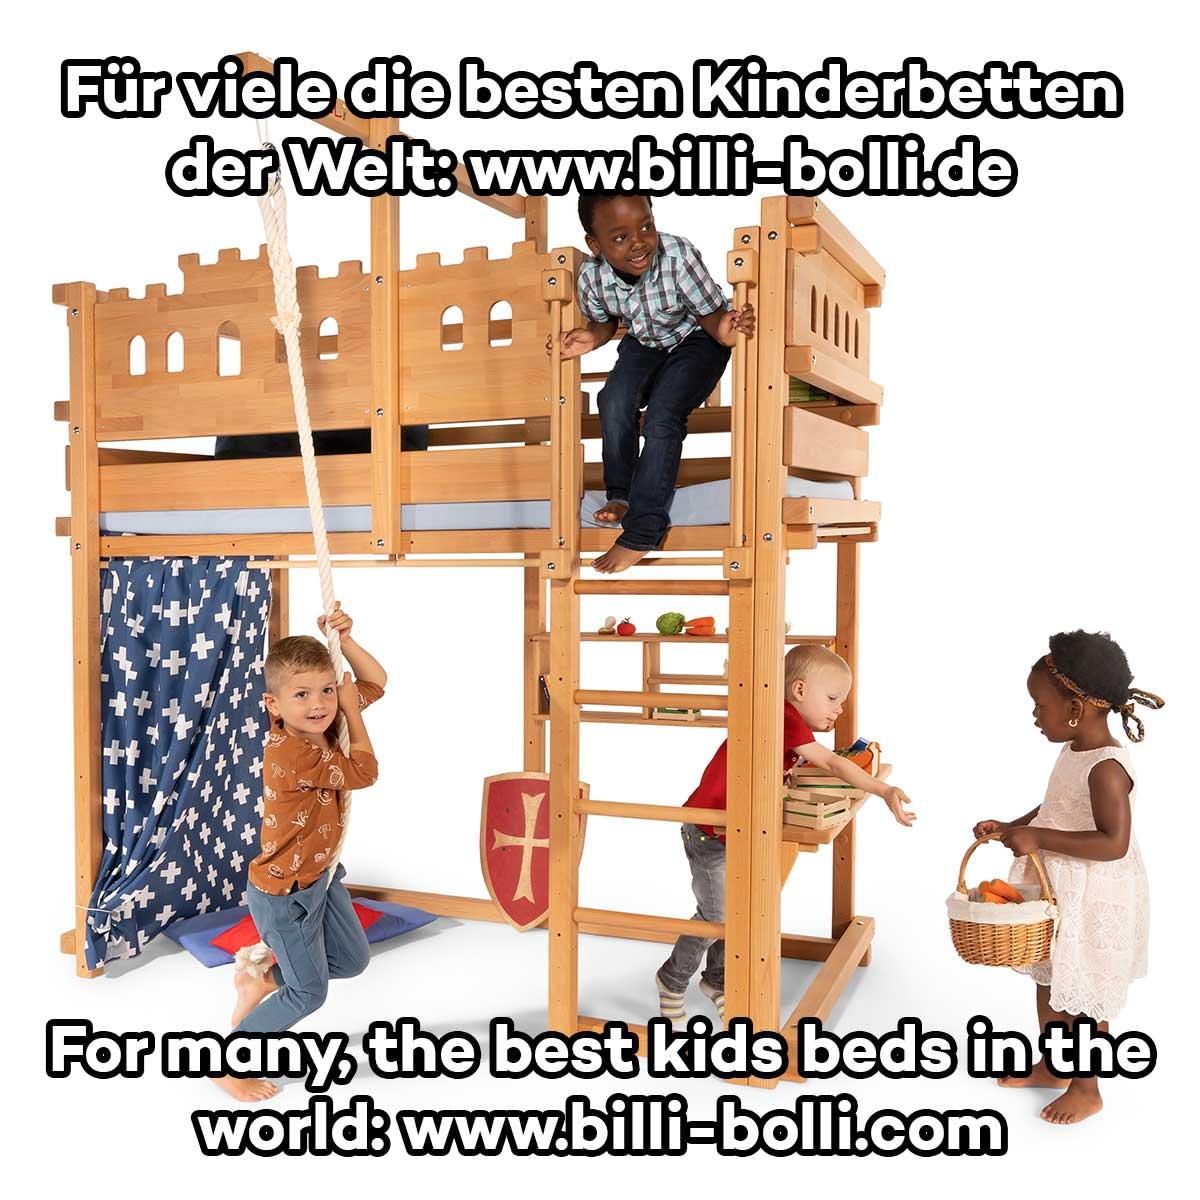 Cama Alta Ajustable Al Crecimiento Muebles Infantiles De Billi Bolli # Disenos Vor Muebles